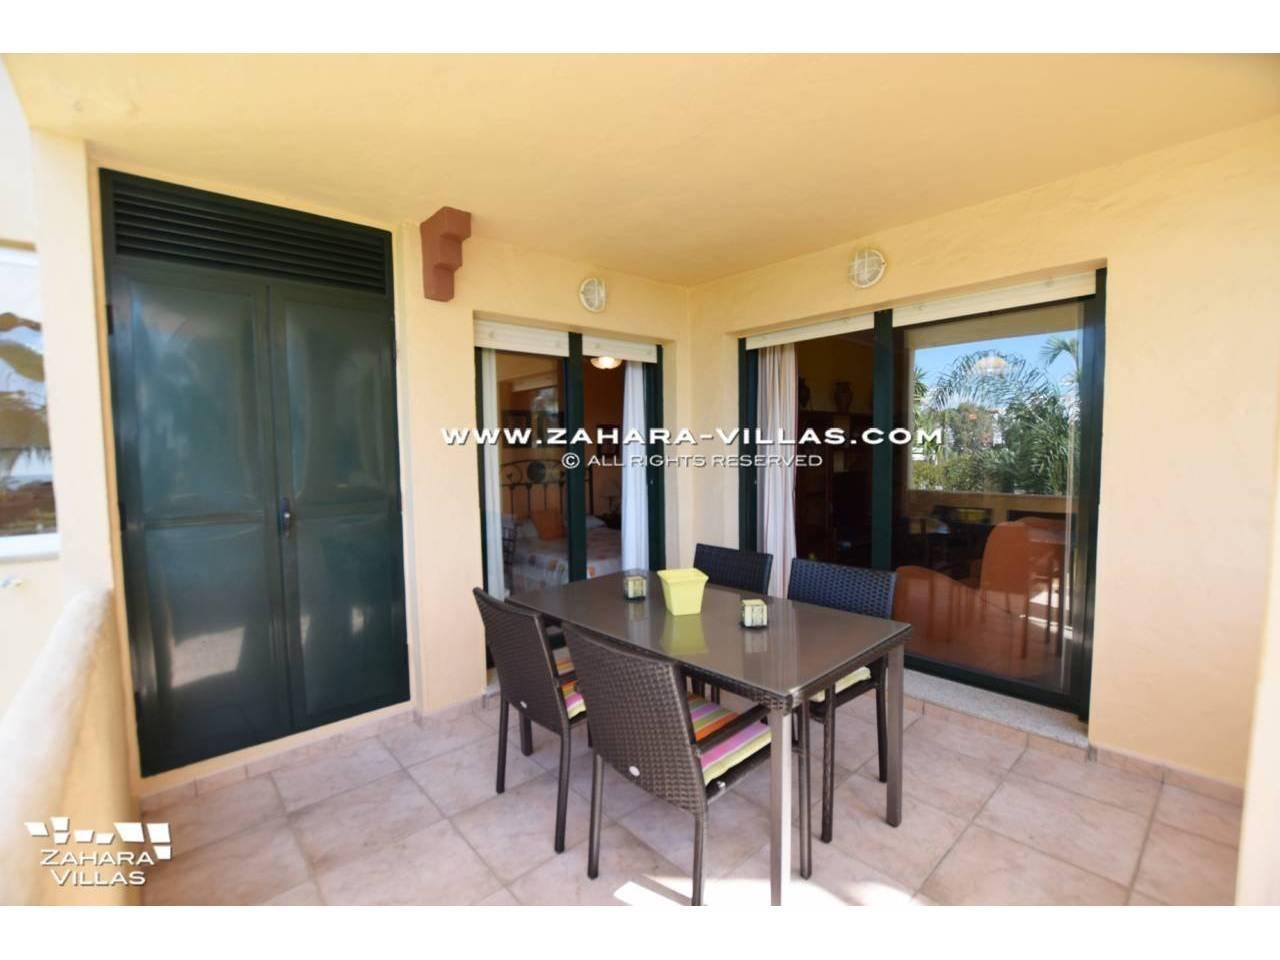 Imagen 6 de Apartamento en venta en urbanización Jardines de Zahara